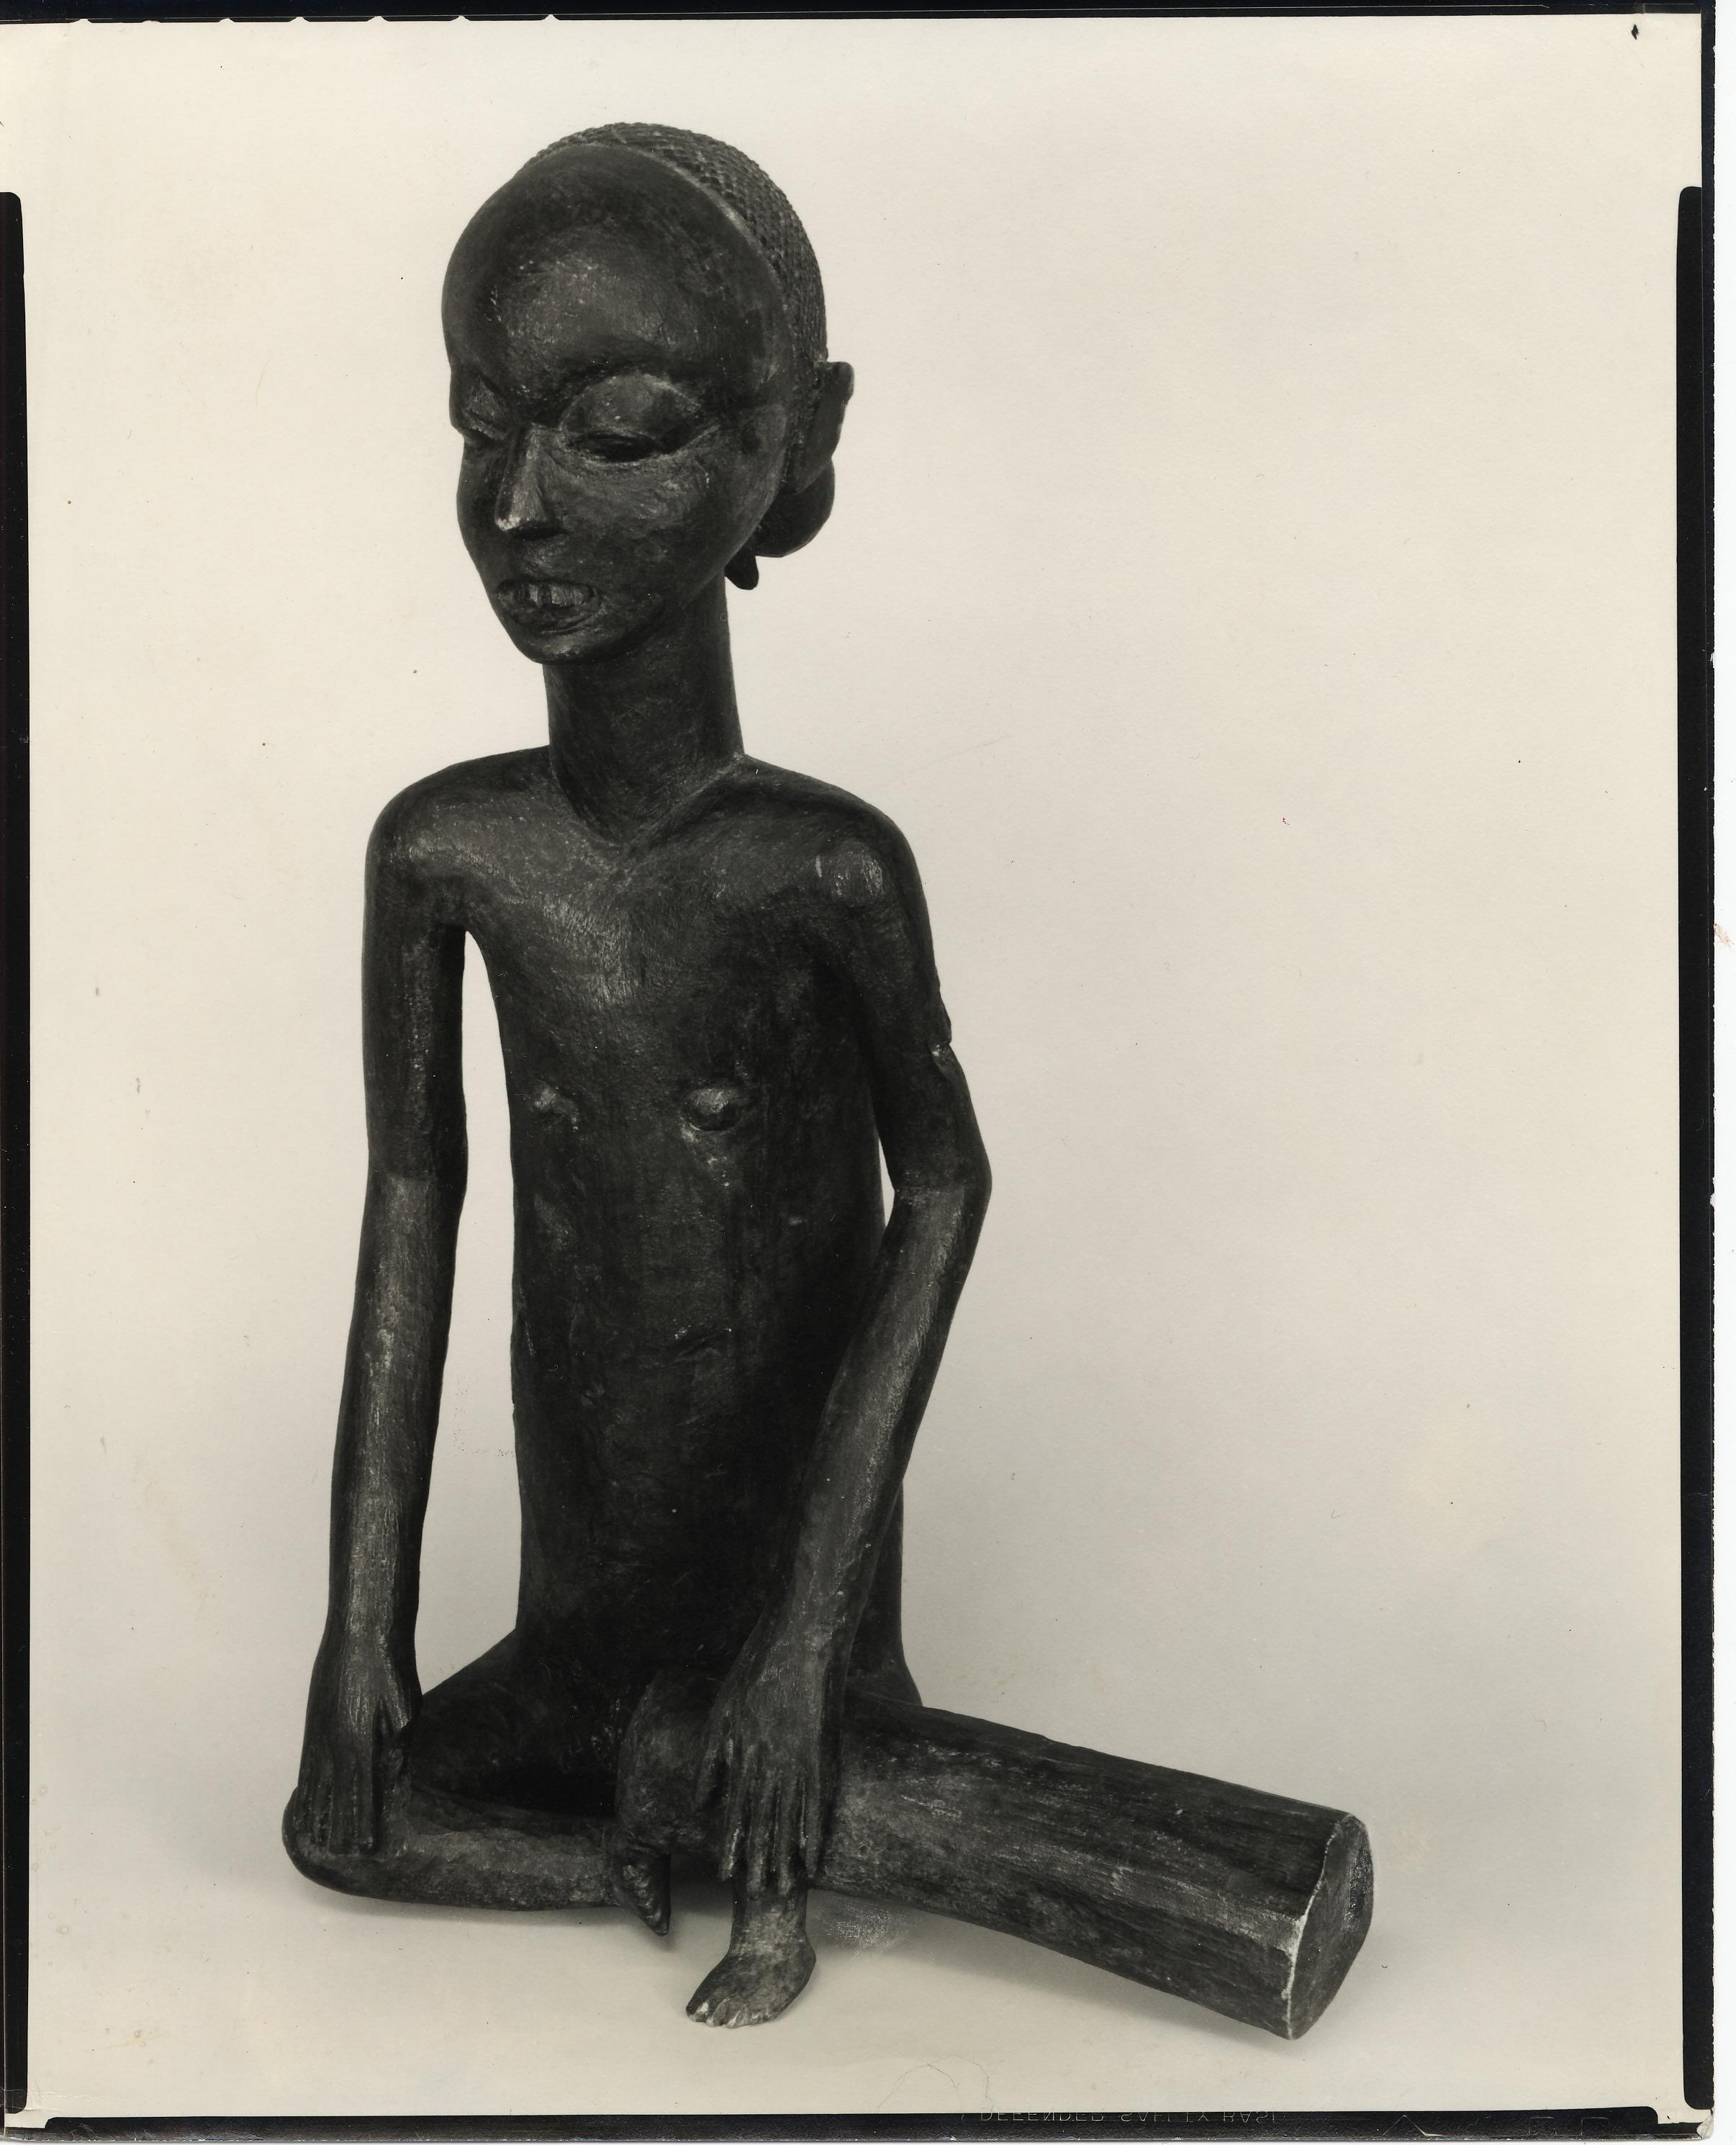 Walker Evans, Figure avec tambour, Congo Belge, 1935,tirage argentique d'époque,25,3 x 20,1 cm ©DR